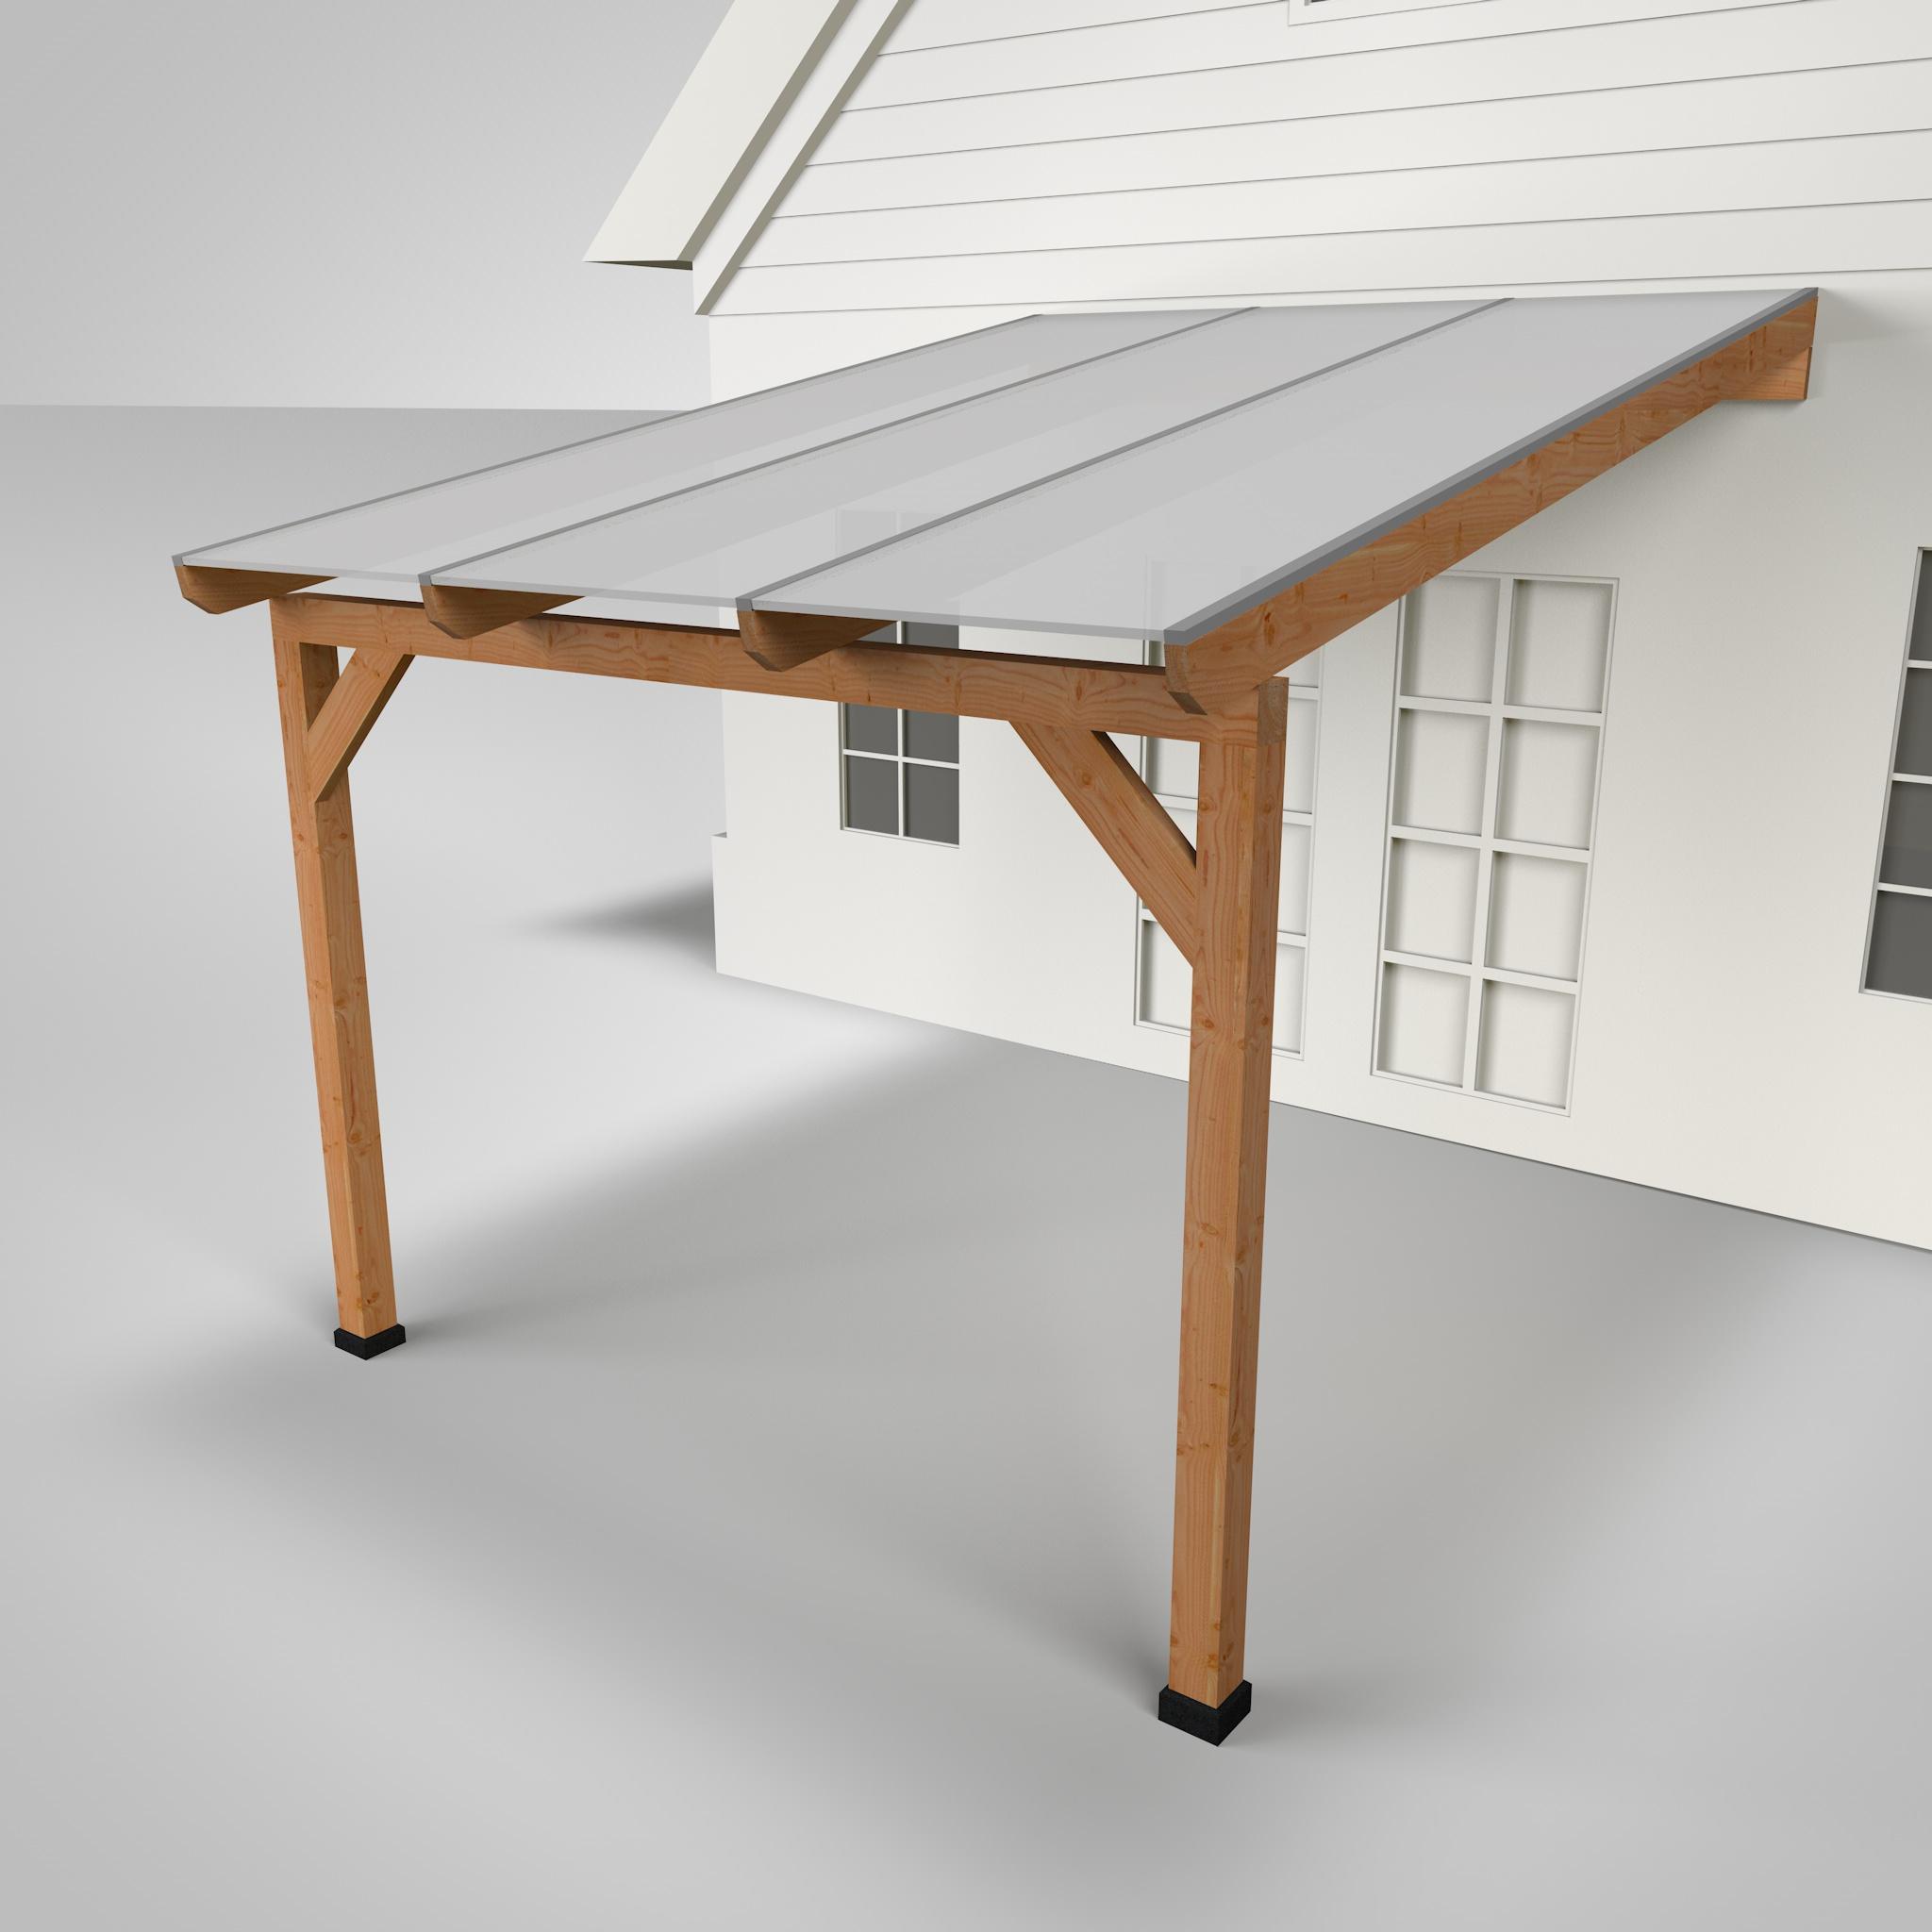 Westwood | Douglas Terrasoverkapping | Comfort | Opaal | 306x400 | Muuraanbouw